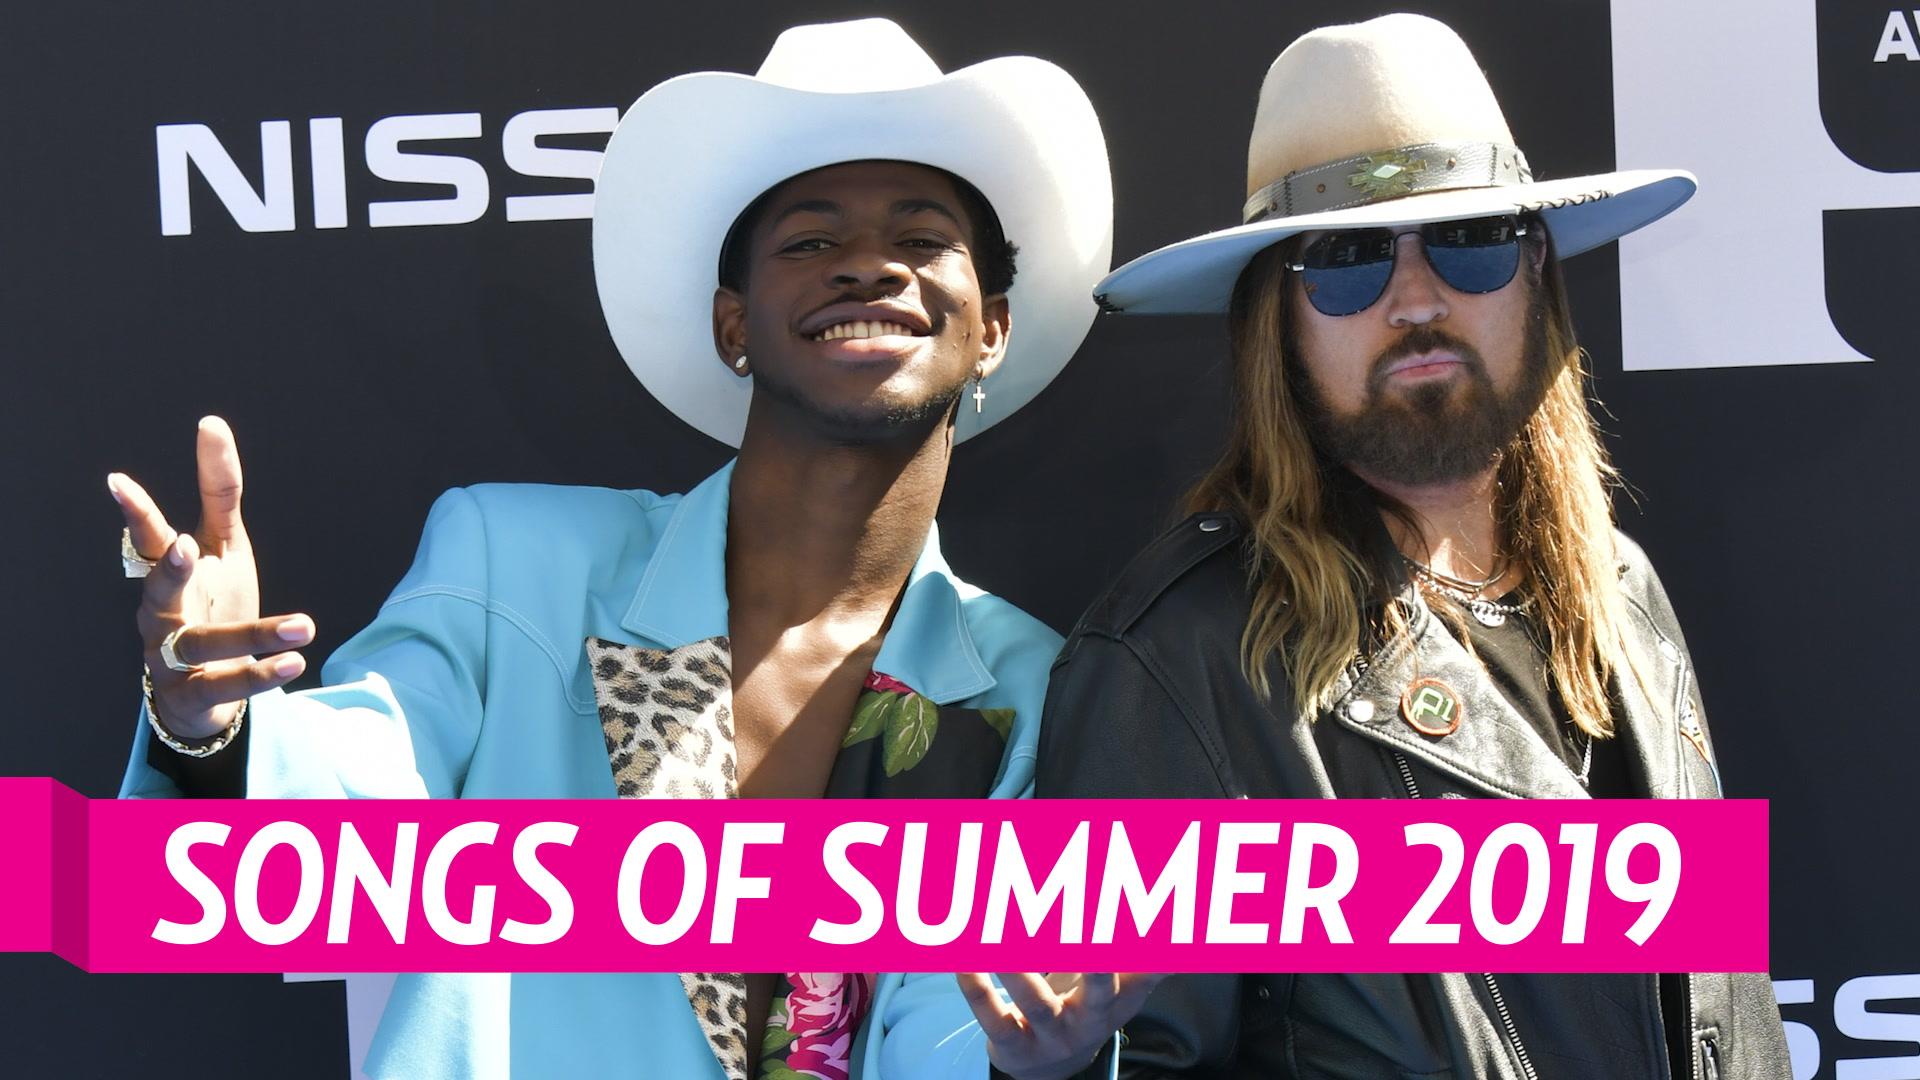 Songs Of Summer 2019